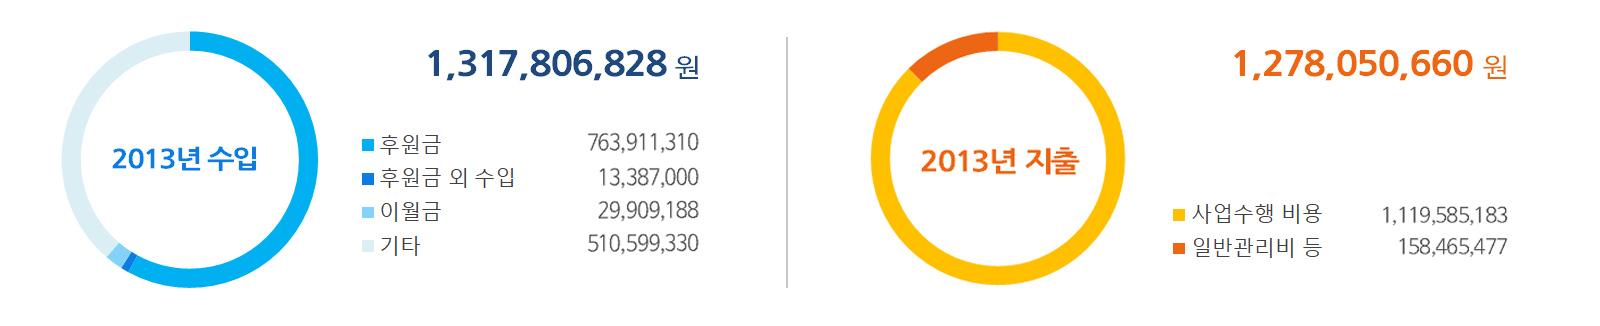 2013년 수입-지출.jpg